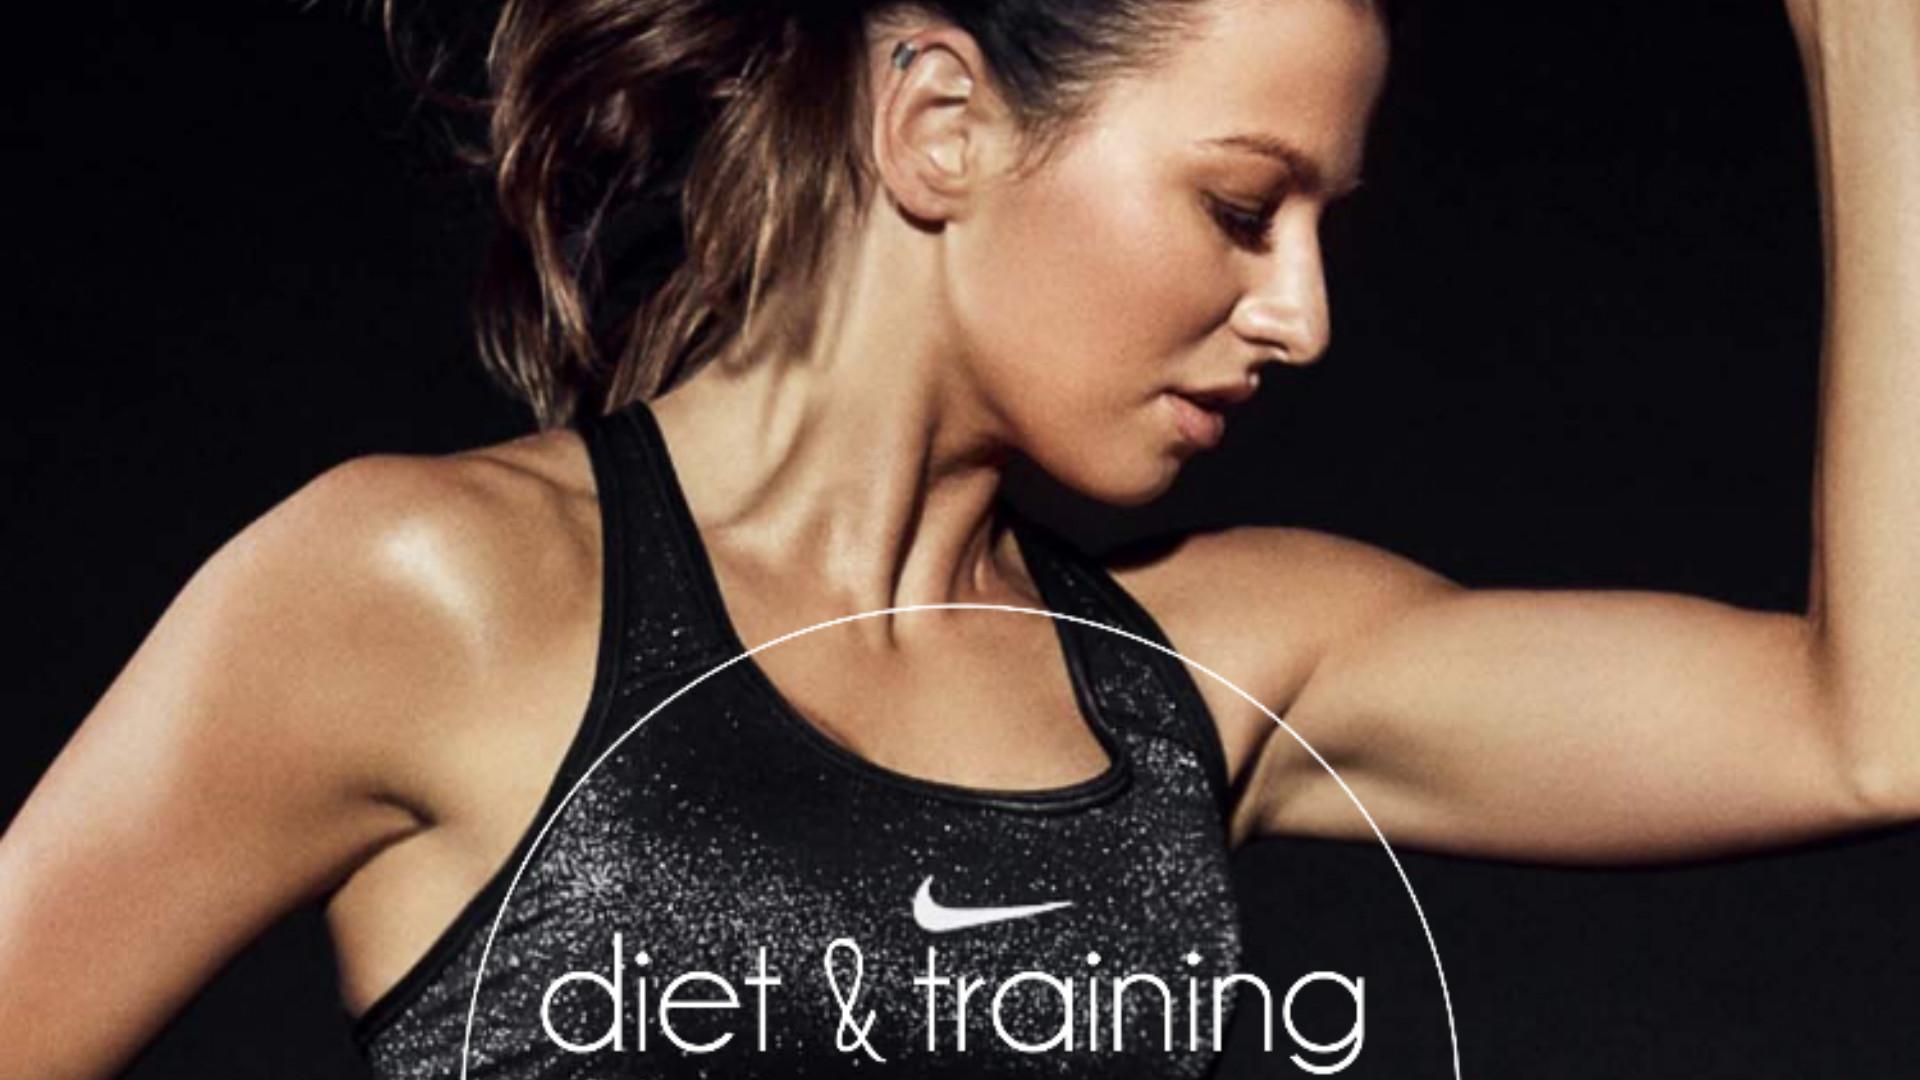 Aplikacja Diet & Training by Ann